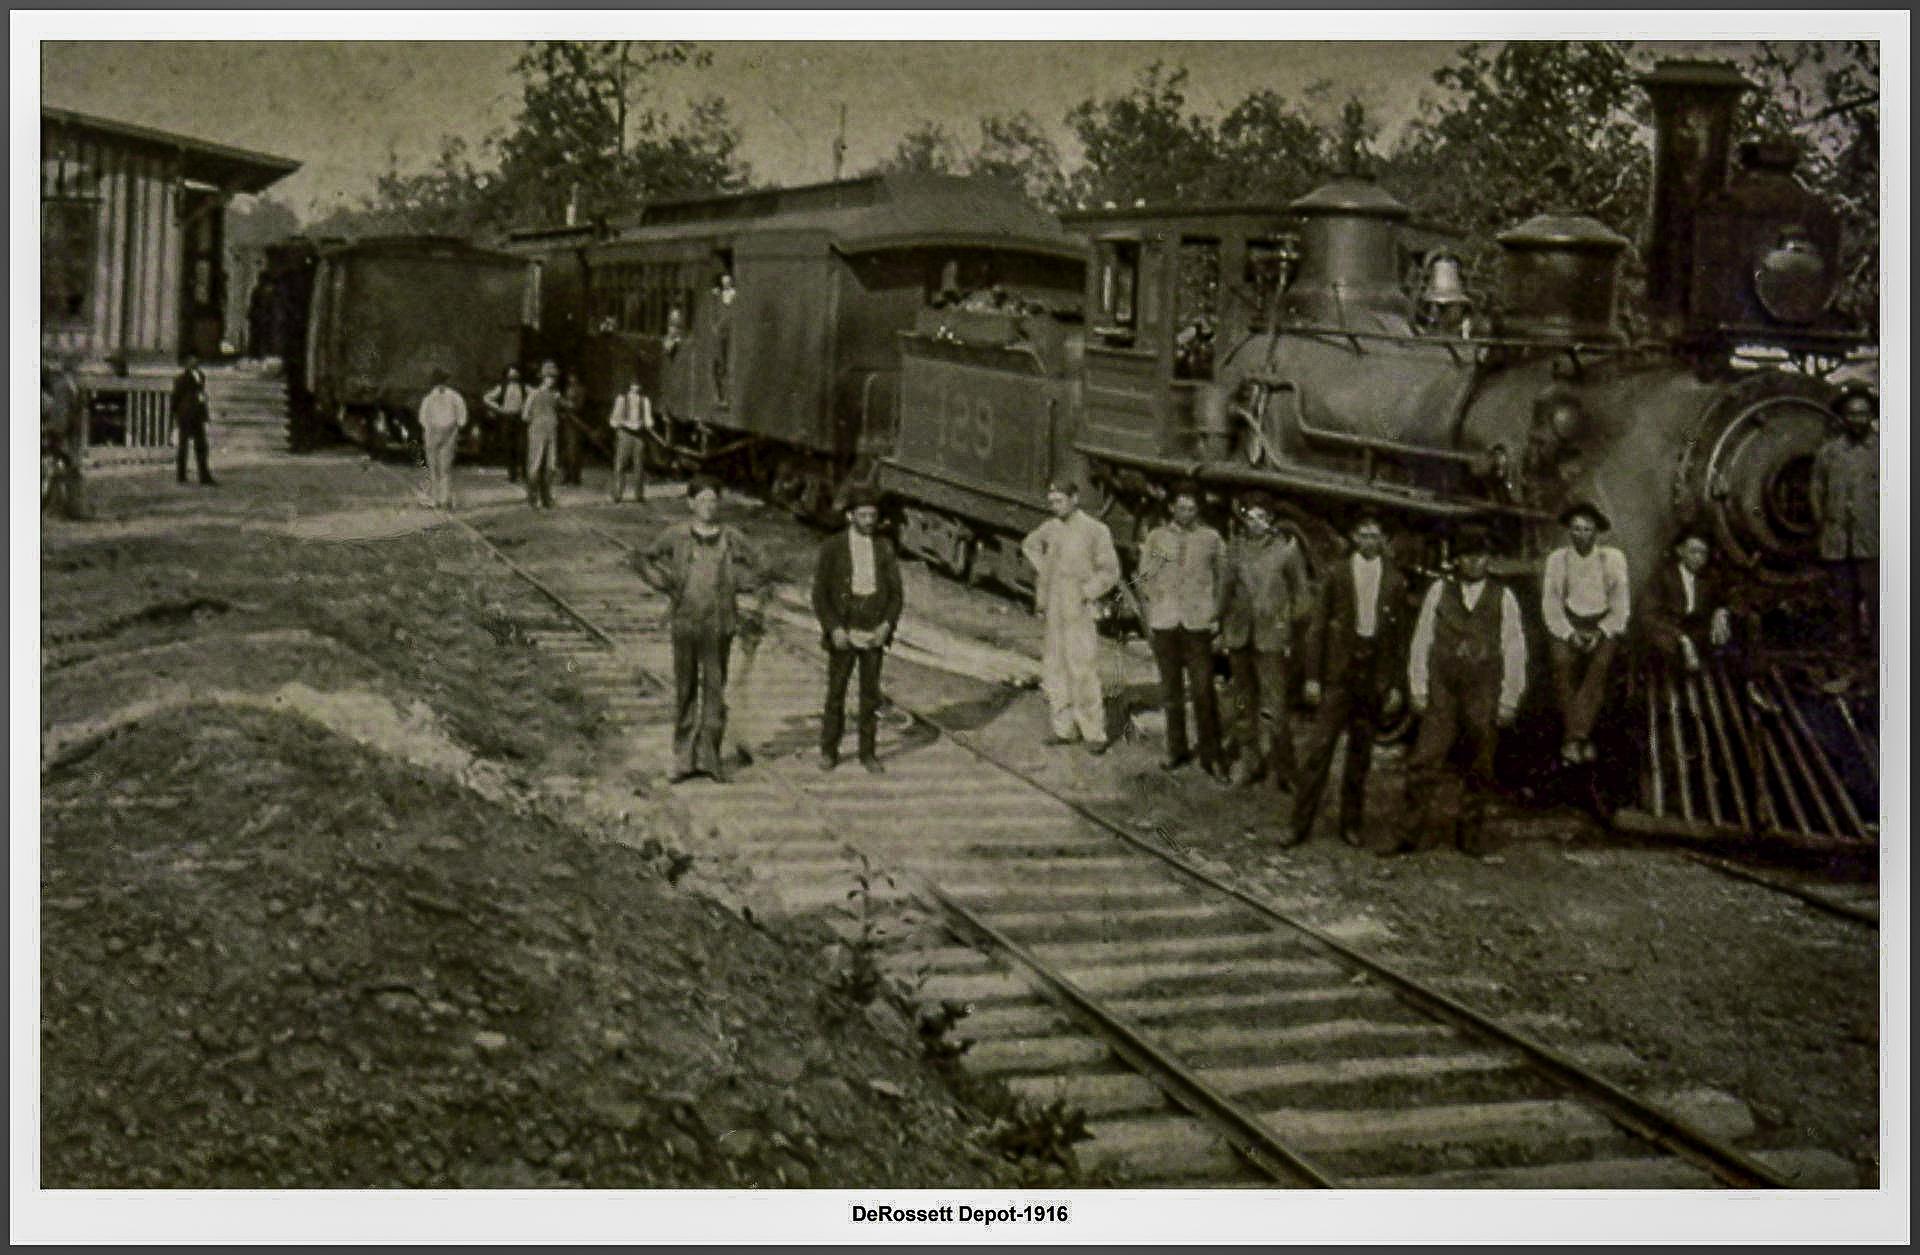 DeRossett Depot in 1916